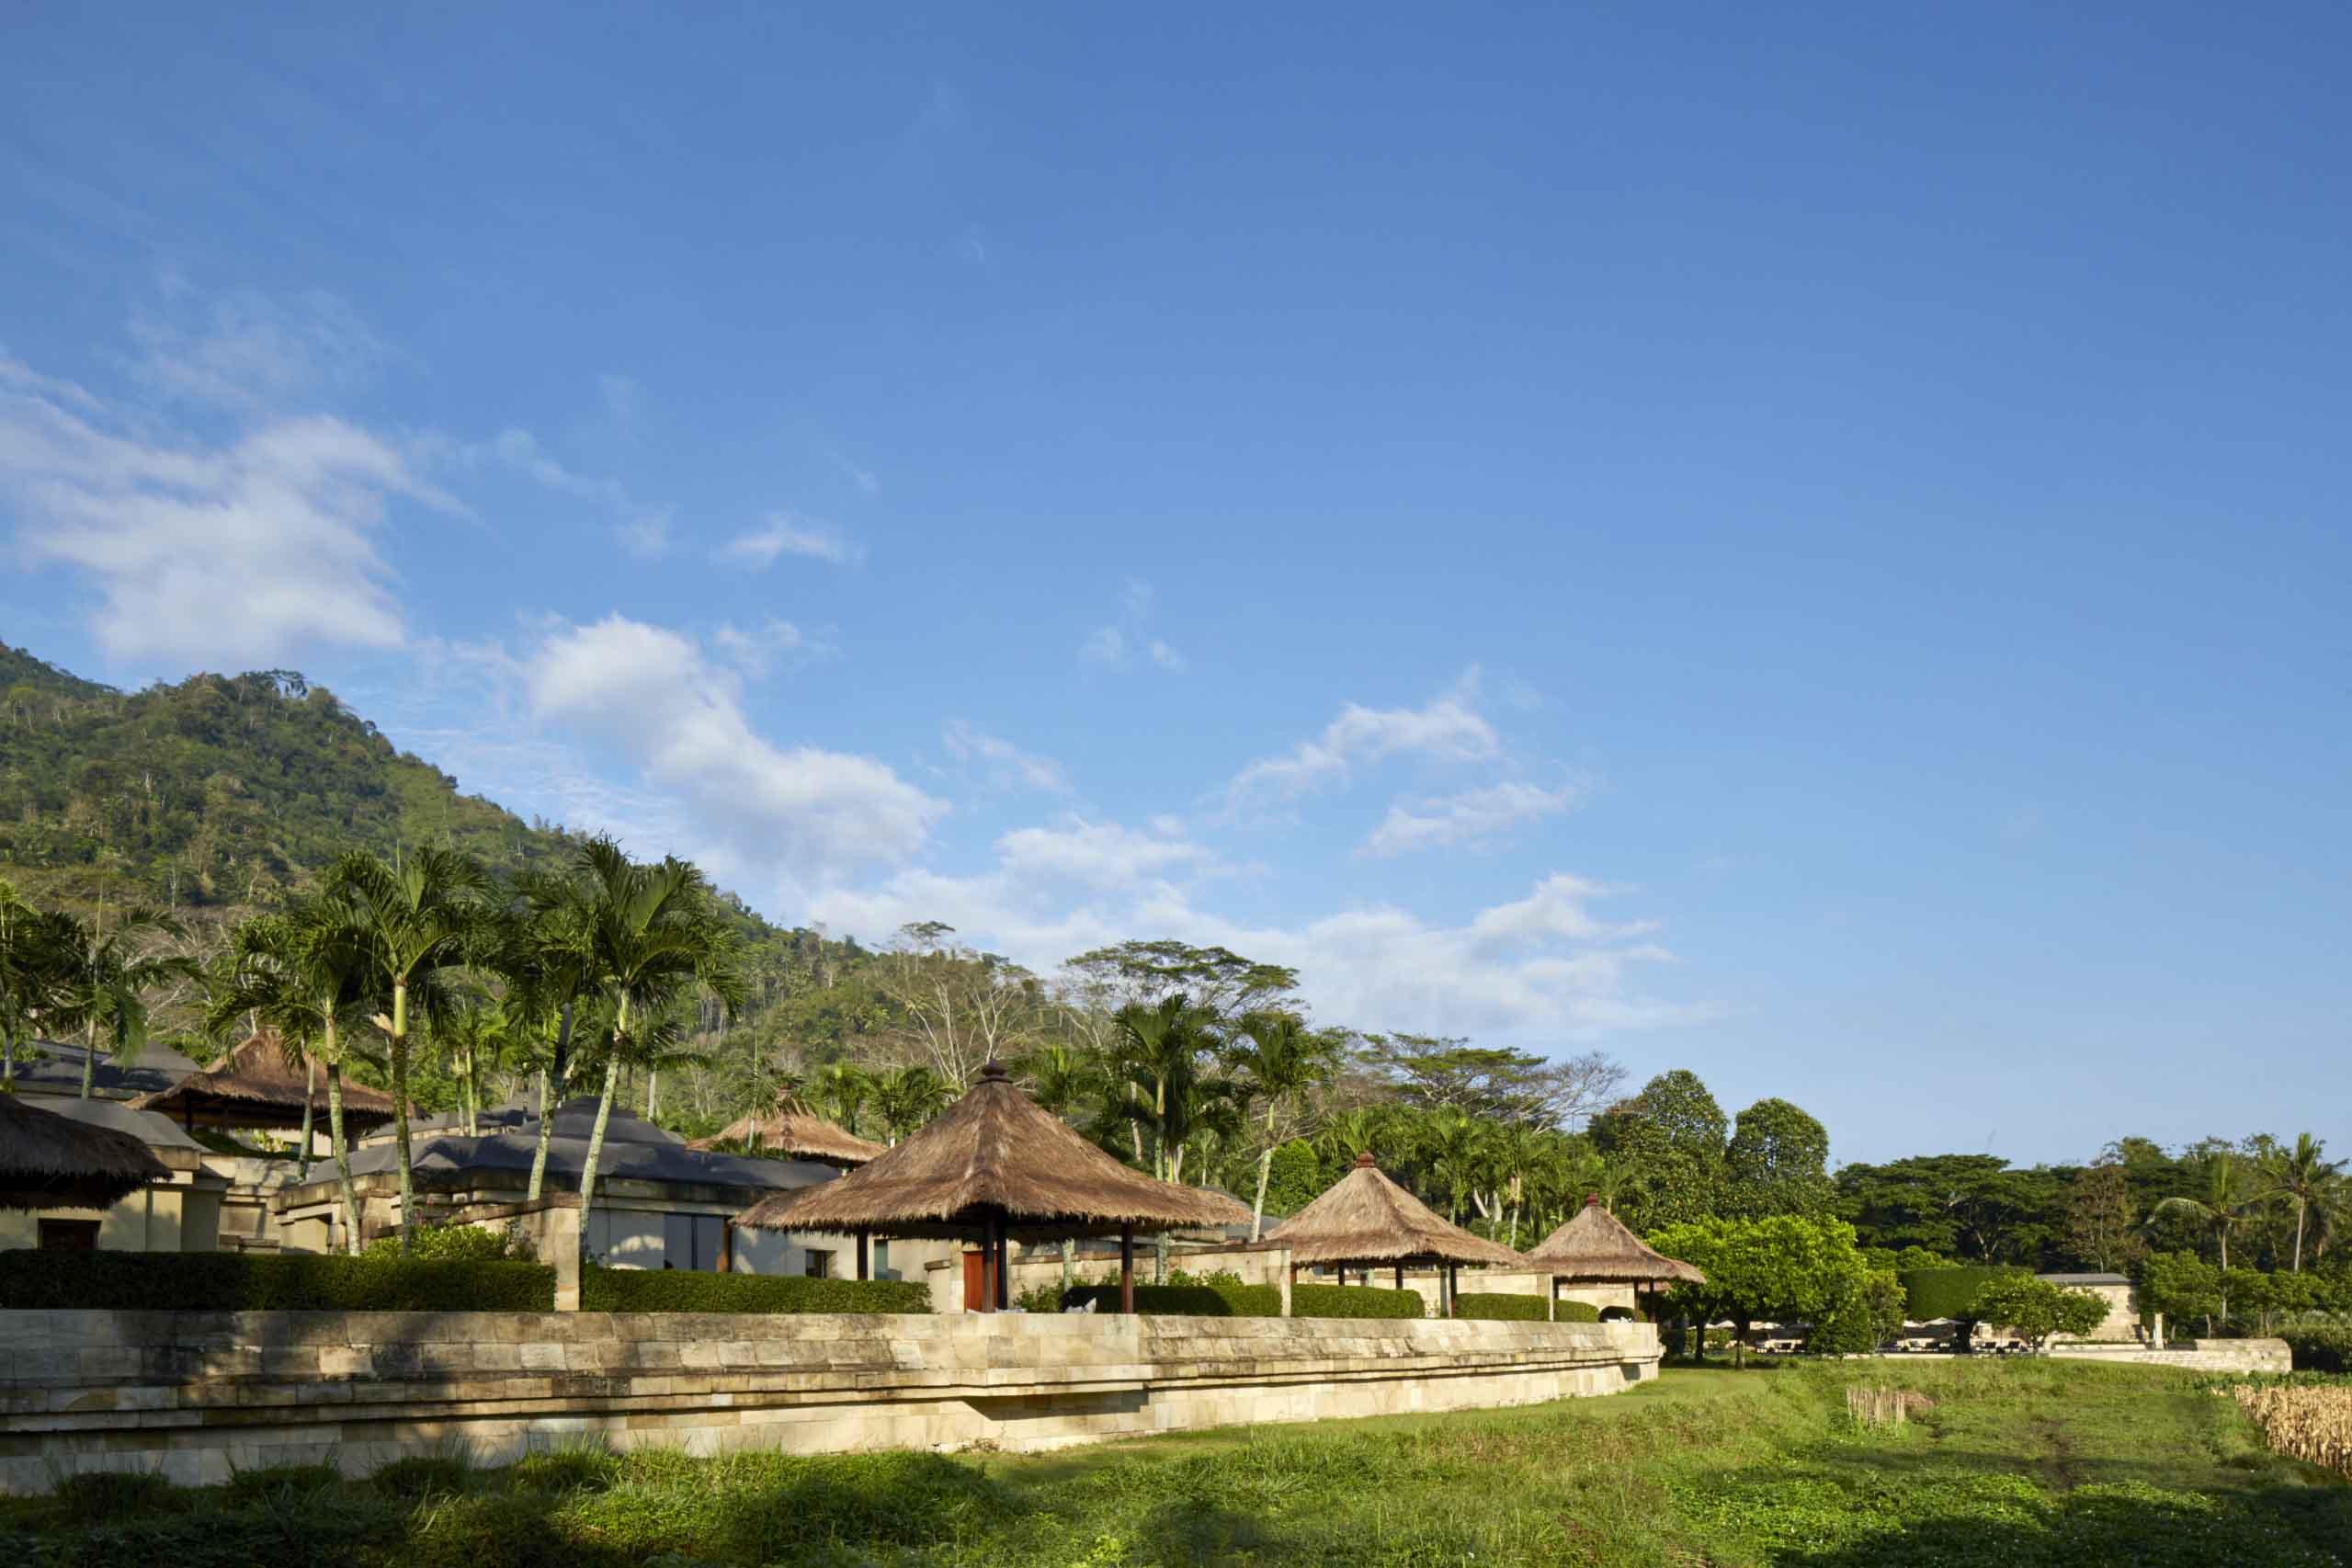 巴厘岛 安缦酒店<br/>AMANJIWO RESORT-CENTRAL JAVA INDONESIA